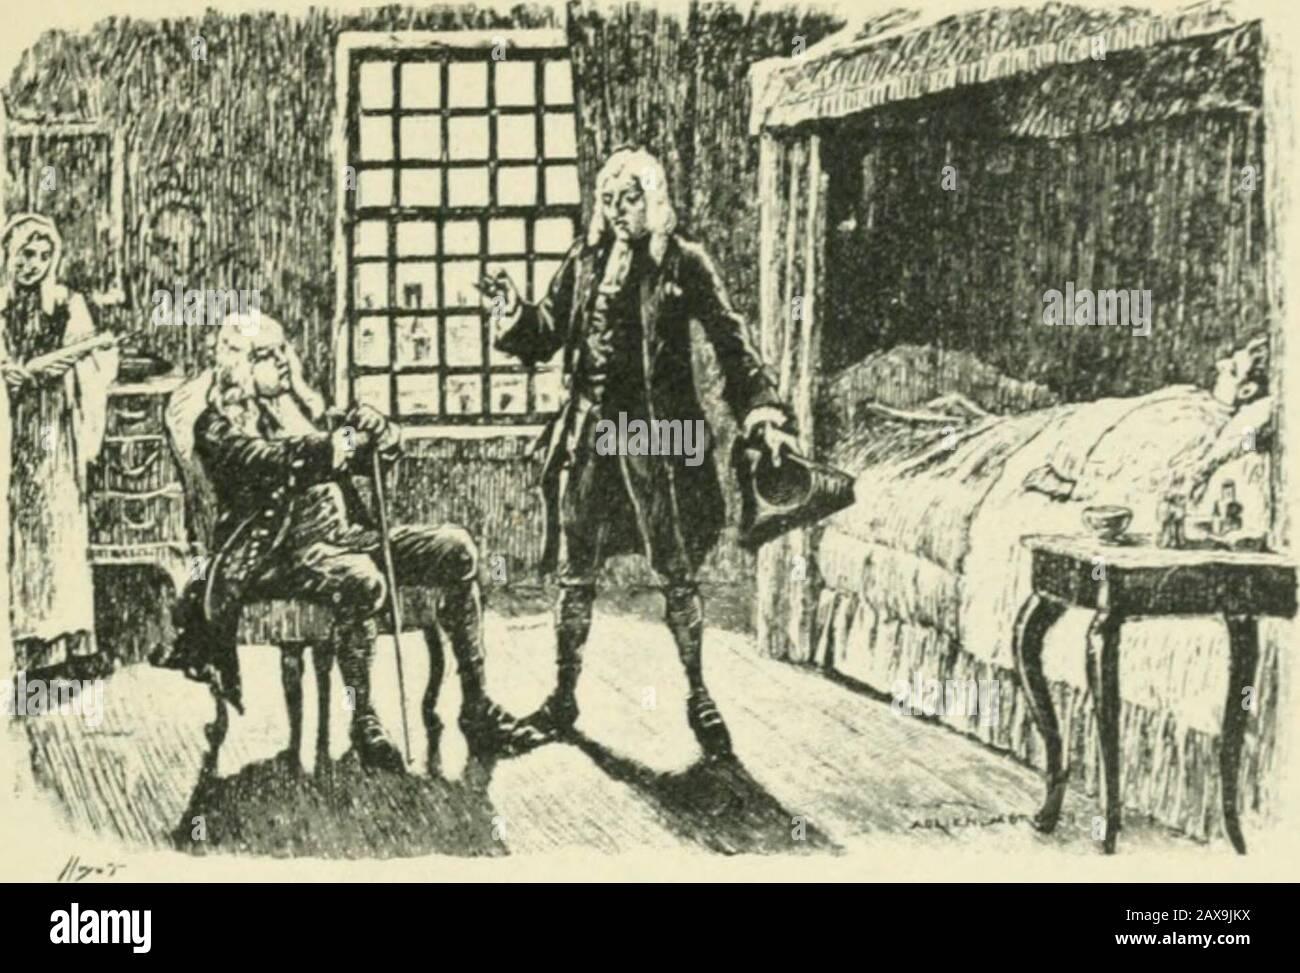 Candide; ou, L'optimisme; . iiiiiiiiiiiiiiiiiii. XXII Ce qui arriva en France à Candide et à Martin. Candide no sarrêta dans Bordeaux quautant de tempsquil en fallait pour vendre quelques cailloux du Dorade,et pour saccommodder dune bonne chaise à deux places,car il ne pouvait plus se passer de son philosophe mar-tin; Il fut seulement très fâché de se séparer de sonmouton, quil laissa à lAcadémie des Sciences de Bor-deaux, laquelle proposia  )our le sujet du j)rix de cetteannée de trouver pourquoi la laine de ce mouton étaitroufir, et un plus savant, un plus un quér et un Foto de stock